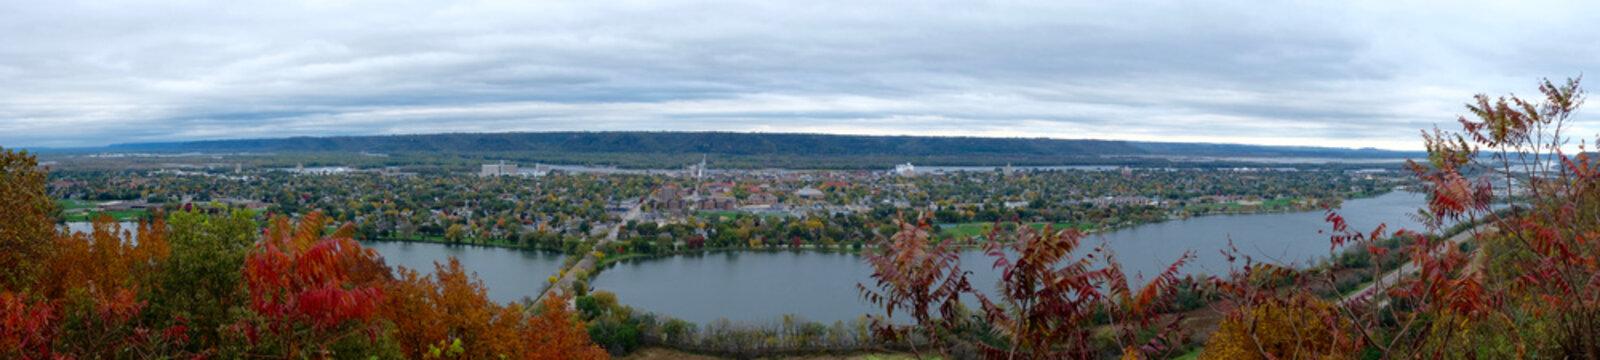 Winona Panorama